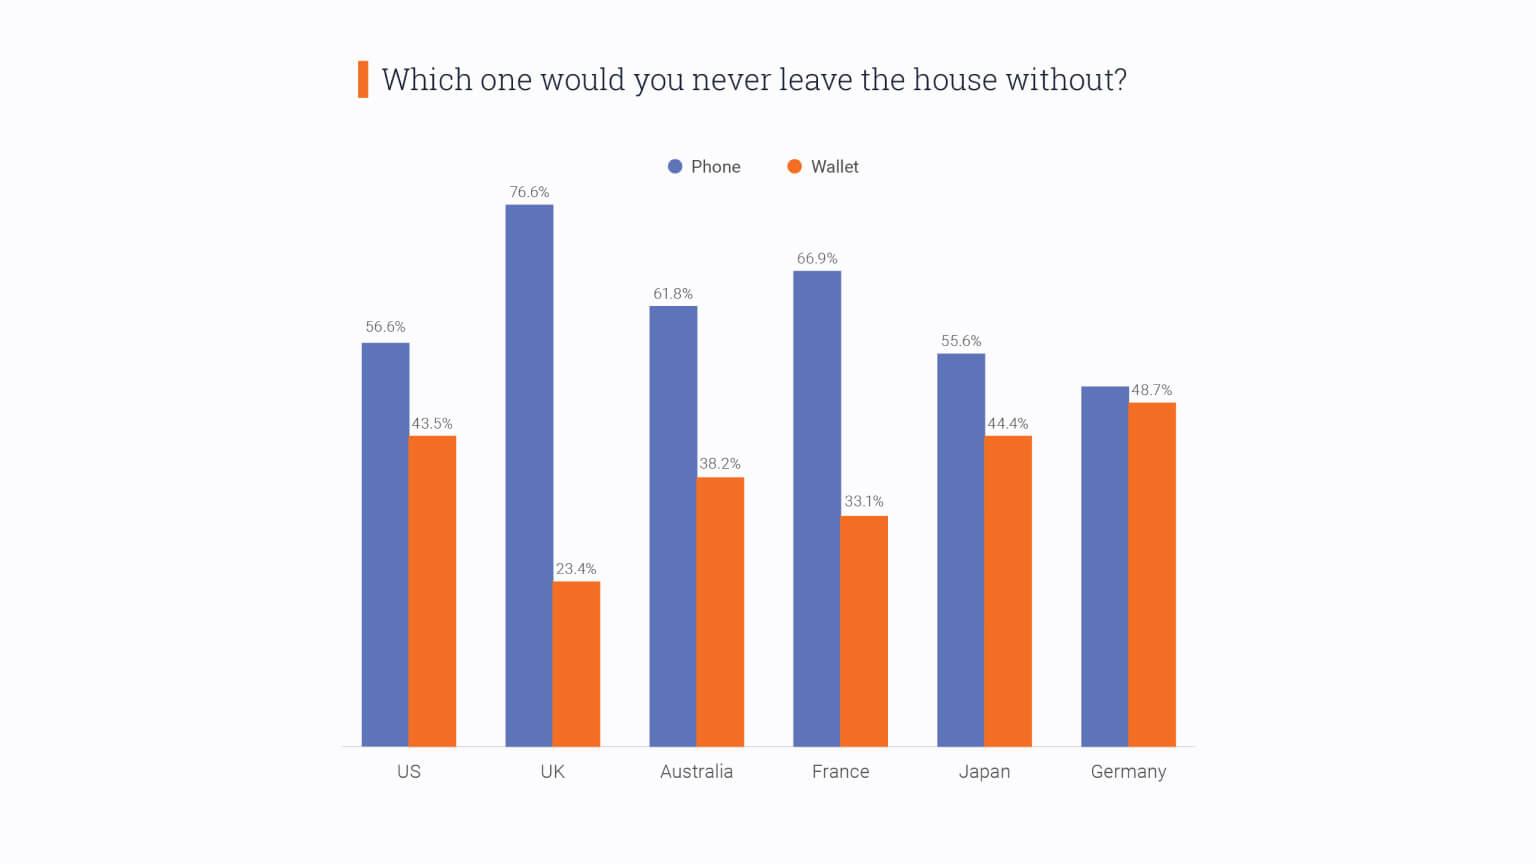 Graph: Choosing between leaving phone or wallet